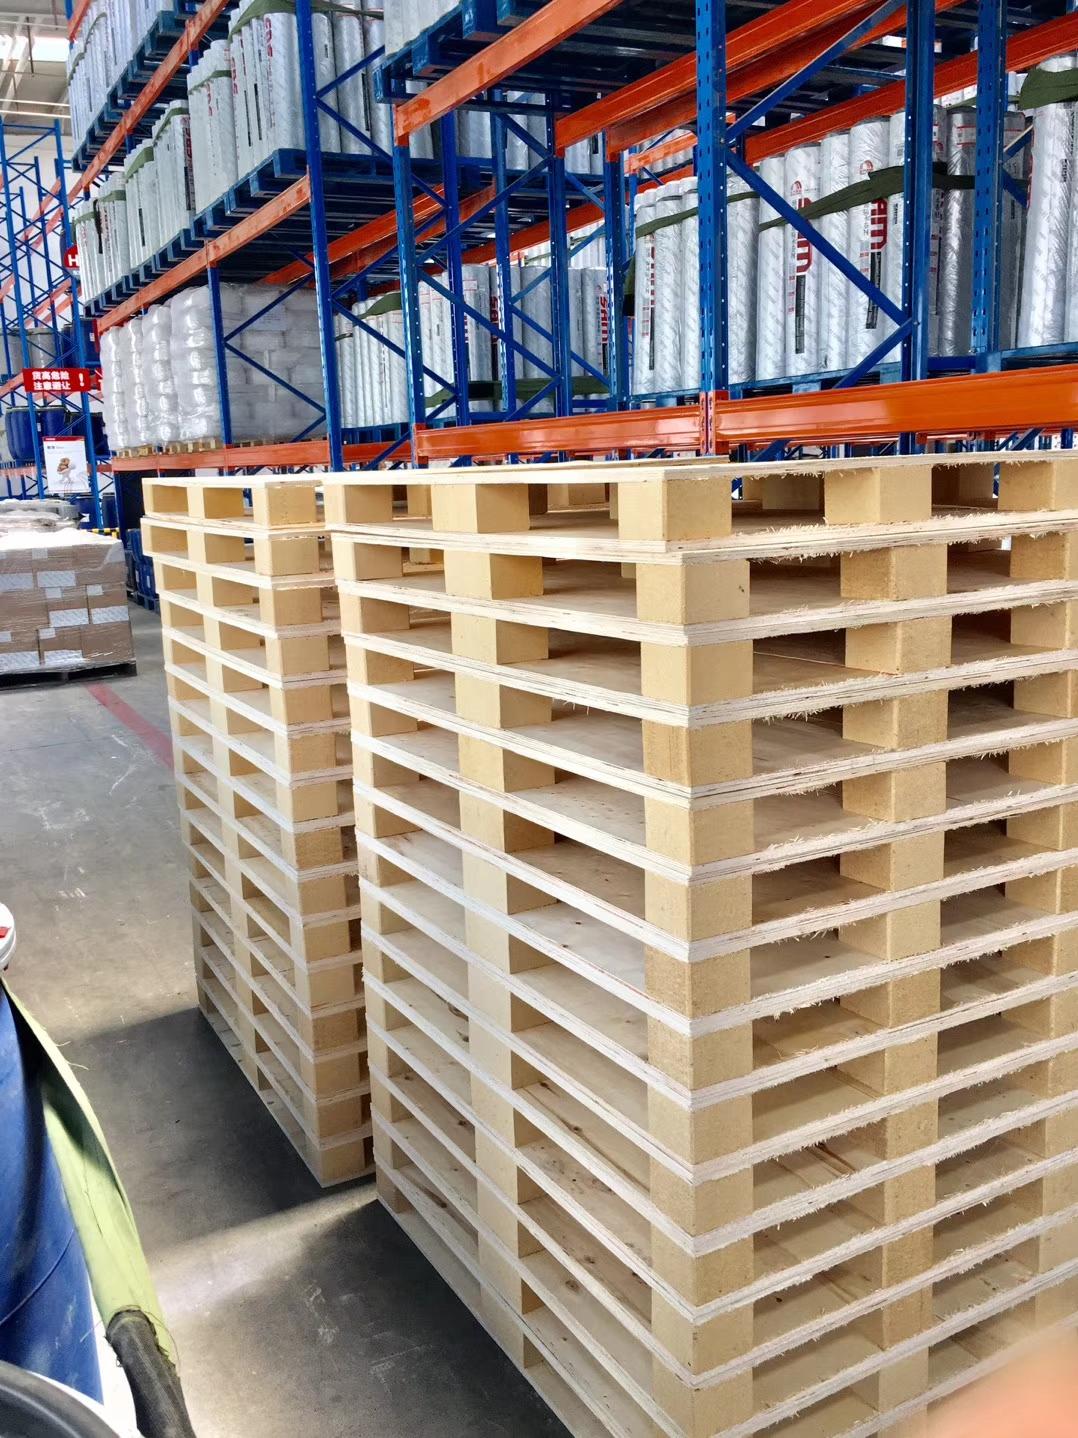 供应出口免熏蒸托盘 卡板 栈板 胶合板多层板托盘 成都厂家直销